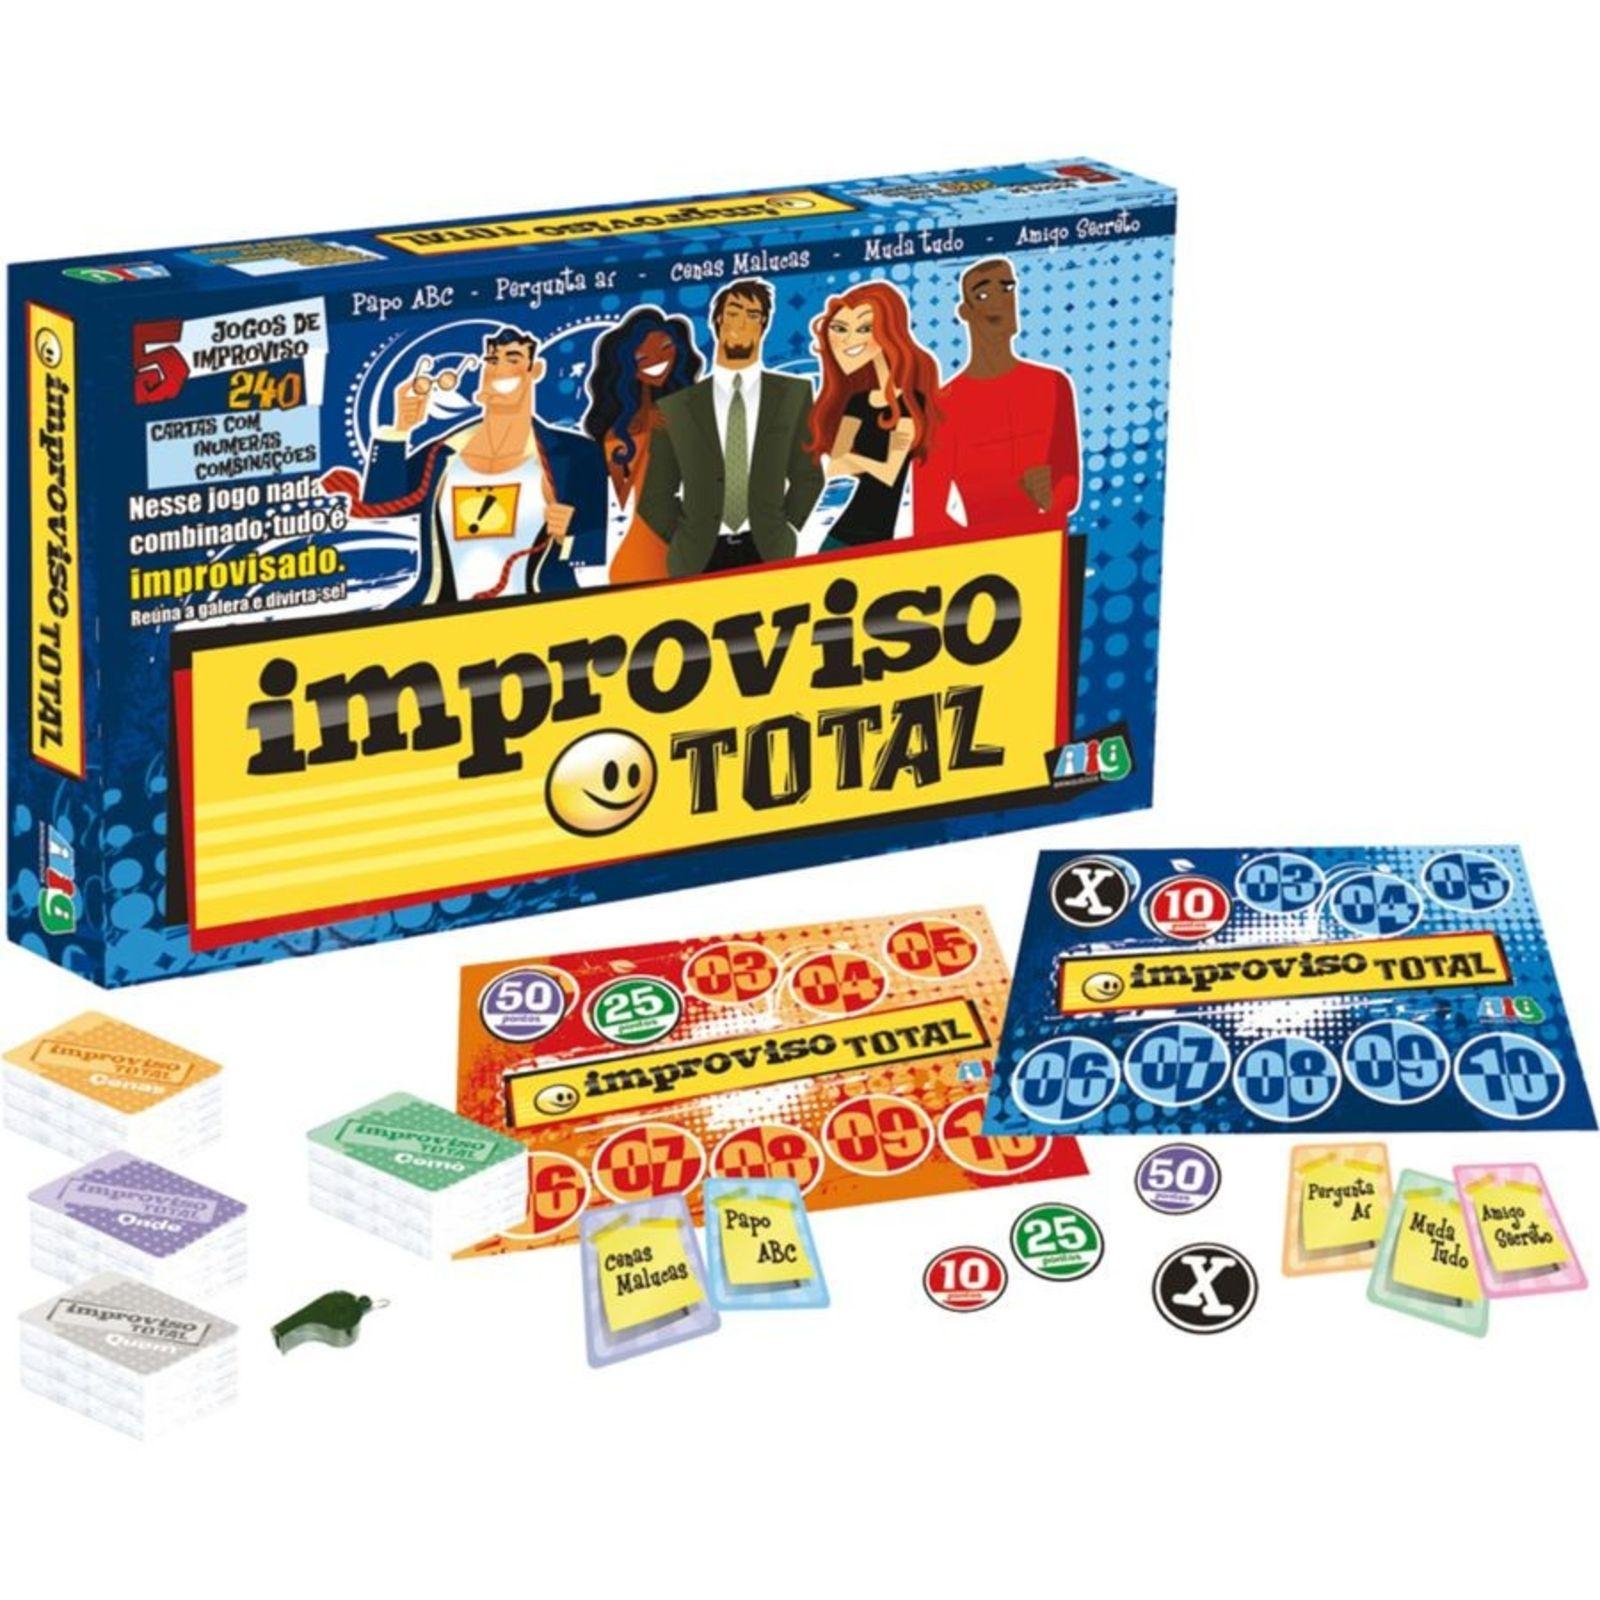 Jogo Nig Brinquedos Improviso Total Multicolorido Em 2021 Jogos Divertidos Para Criancas Jogos Jogos De Tabuleiro Para Criancas